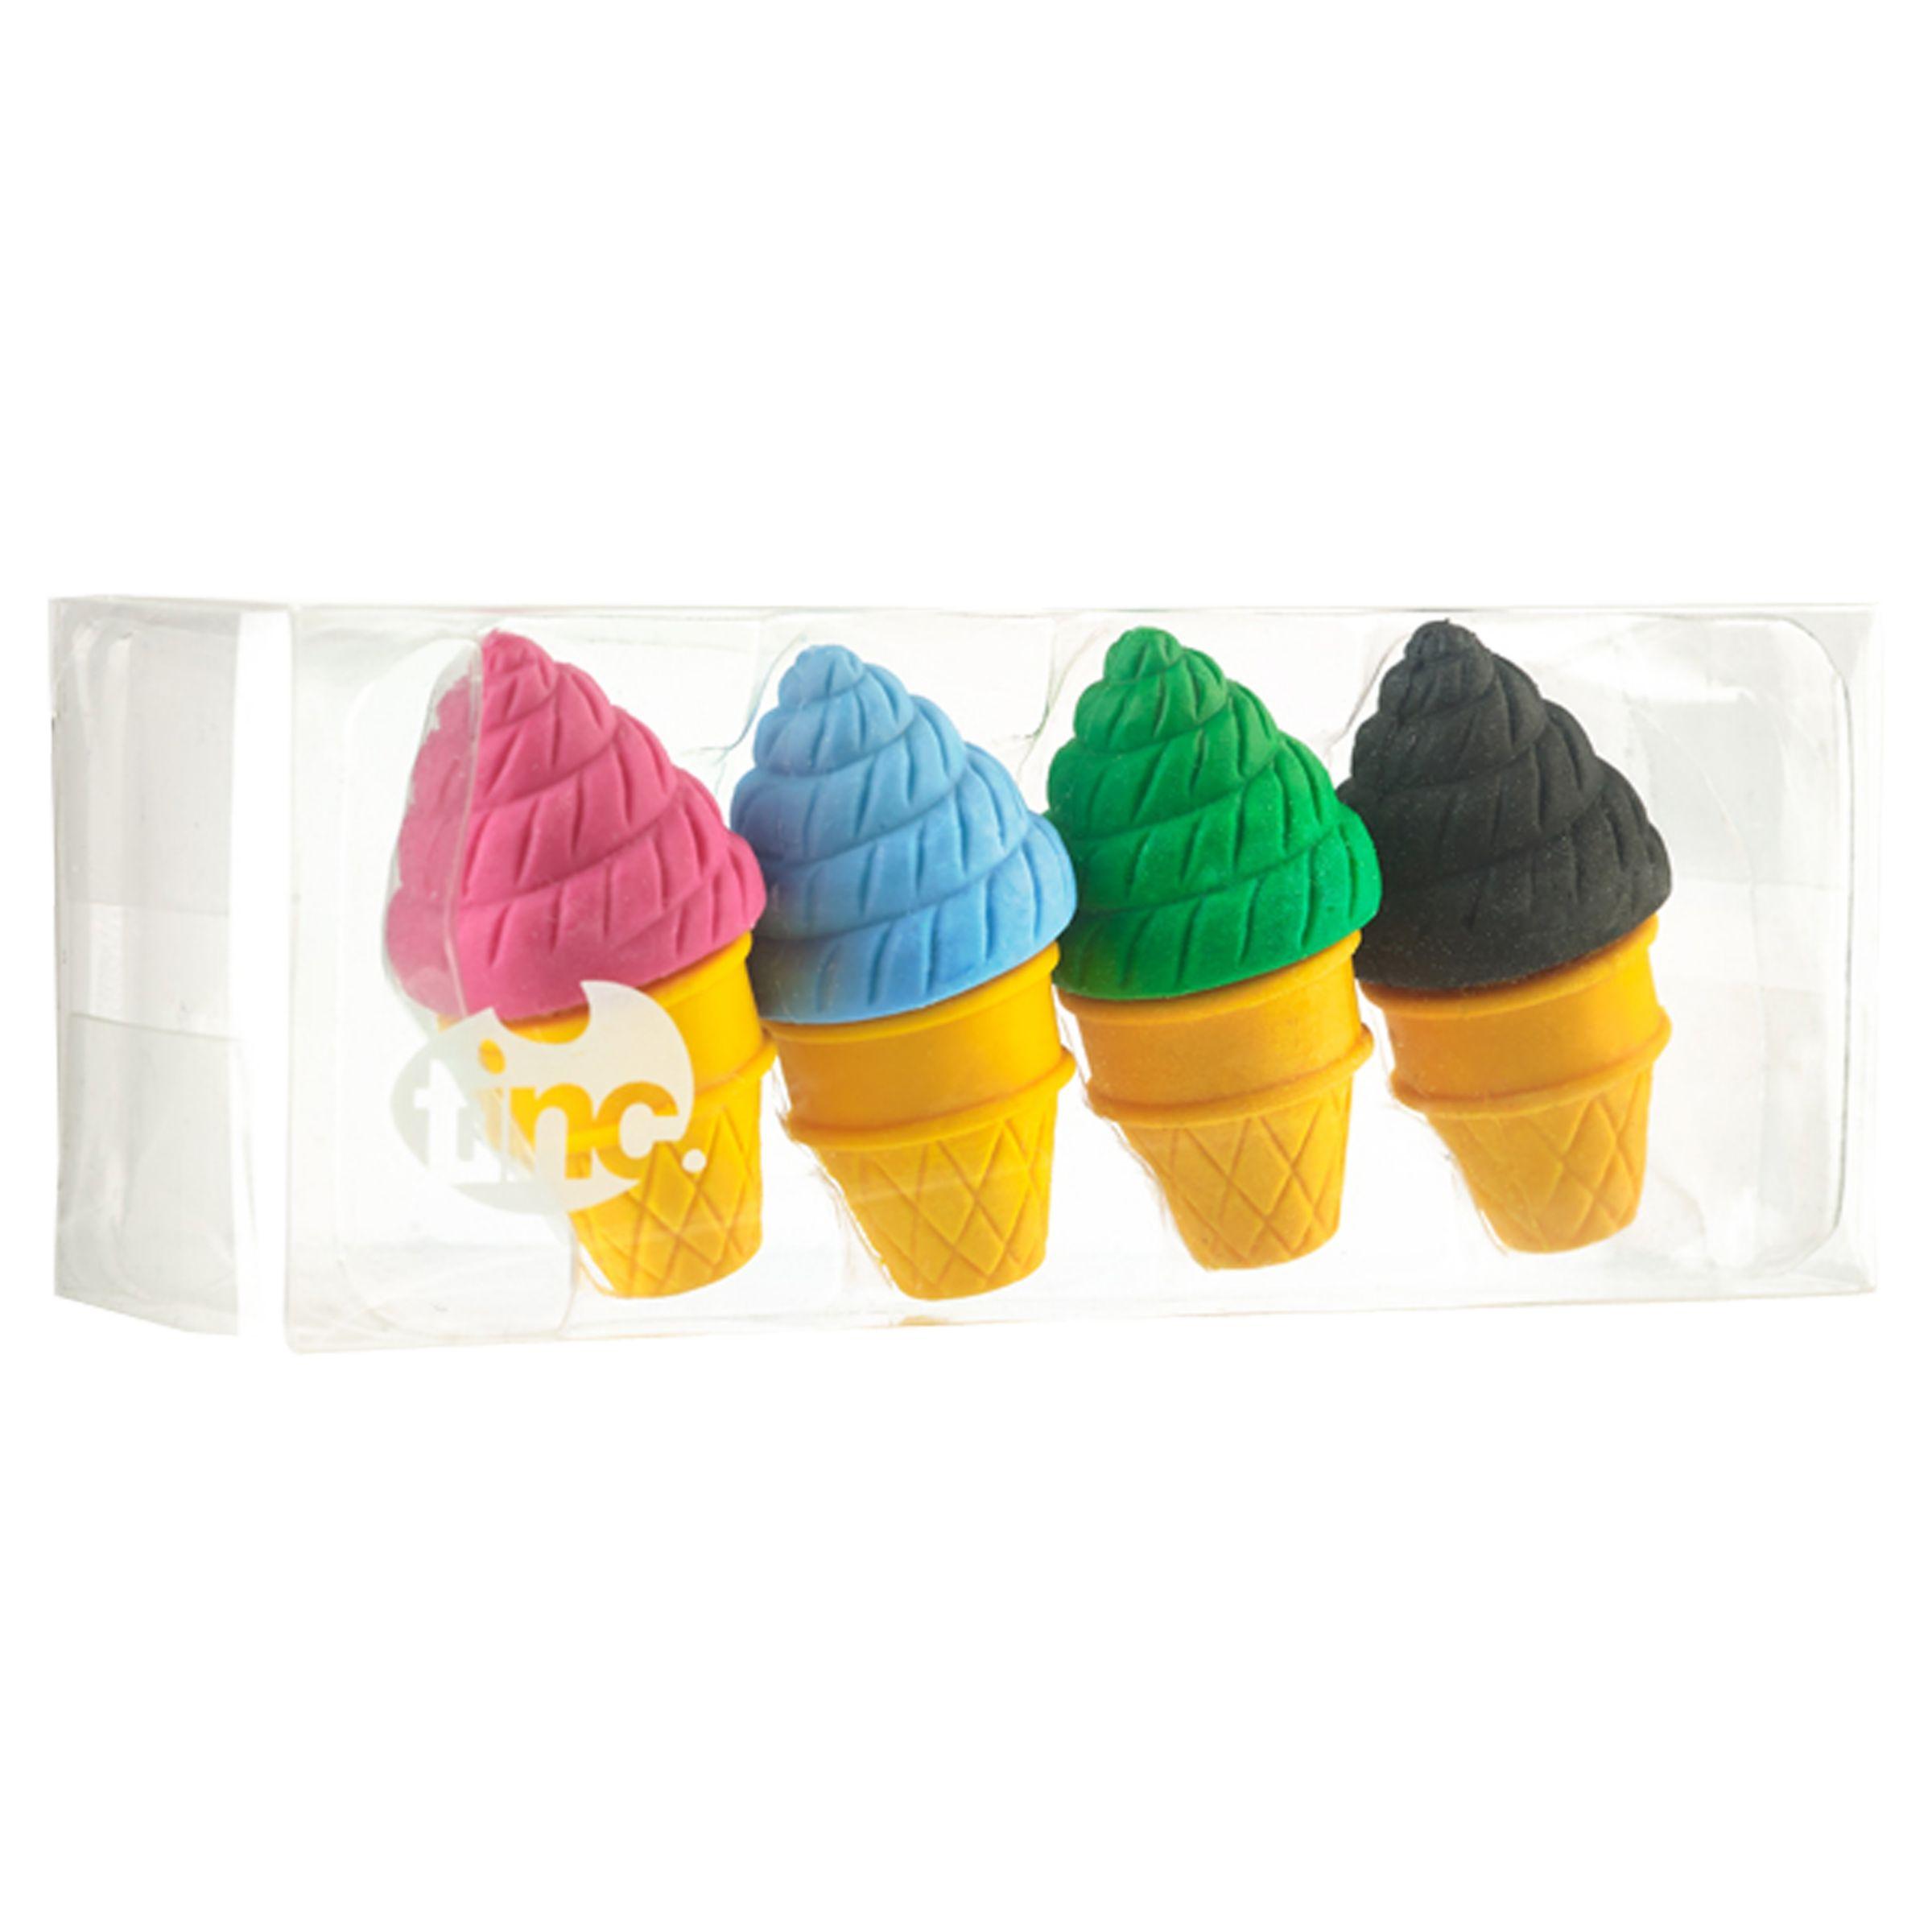 Tinc Tinc Ice Cream Eraser Collection